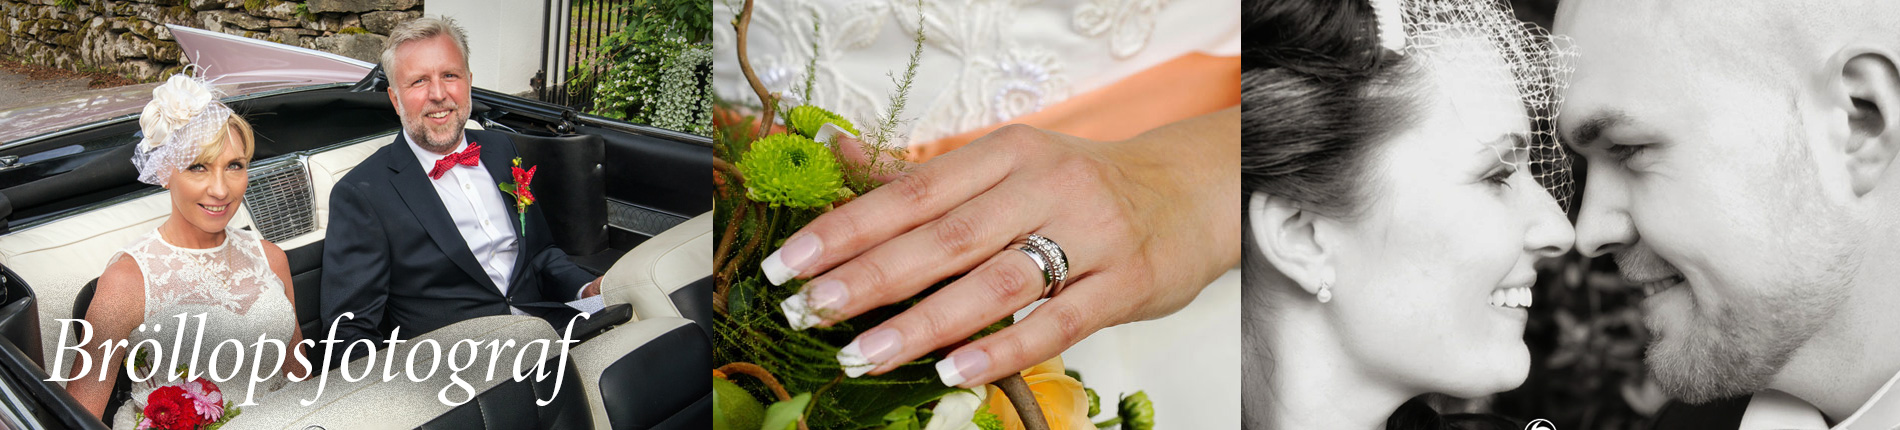 bröllopsfotograf - fotograf till bröllop